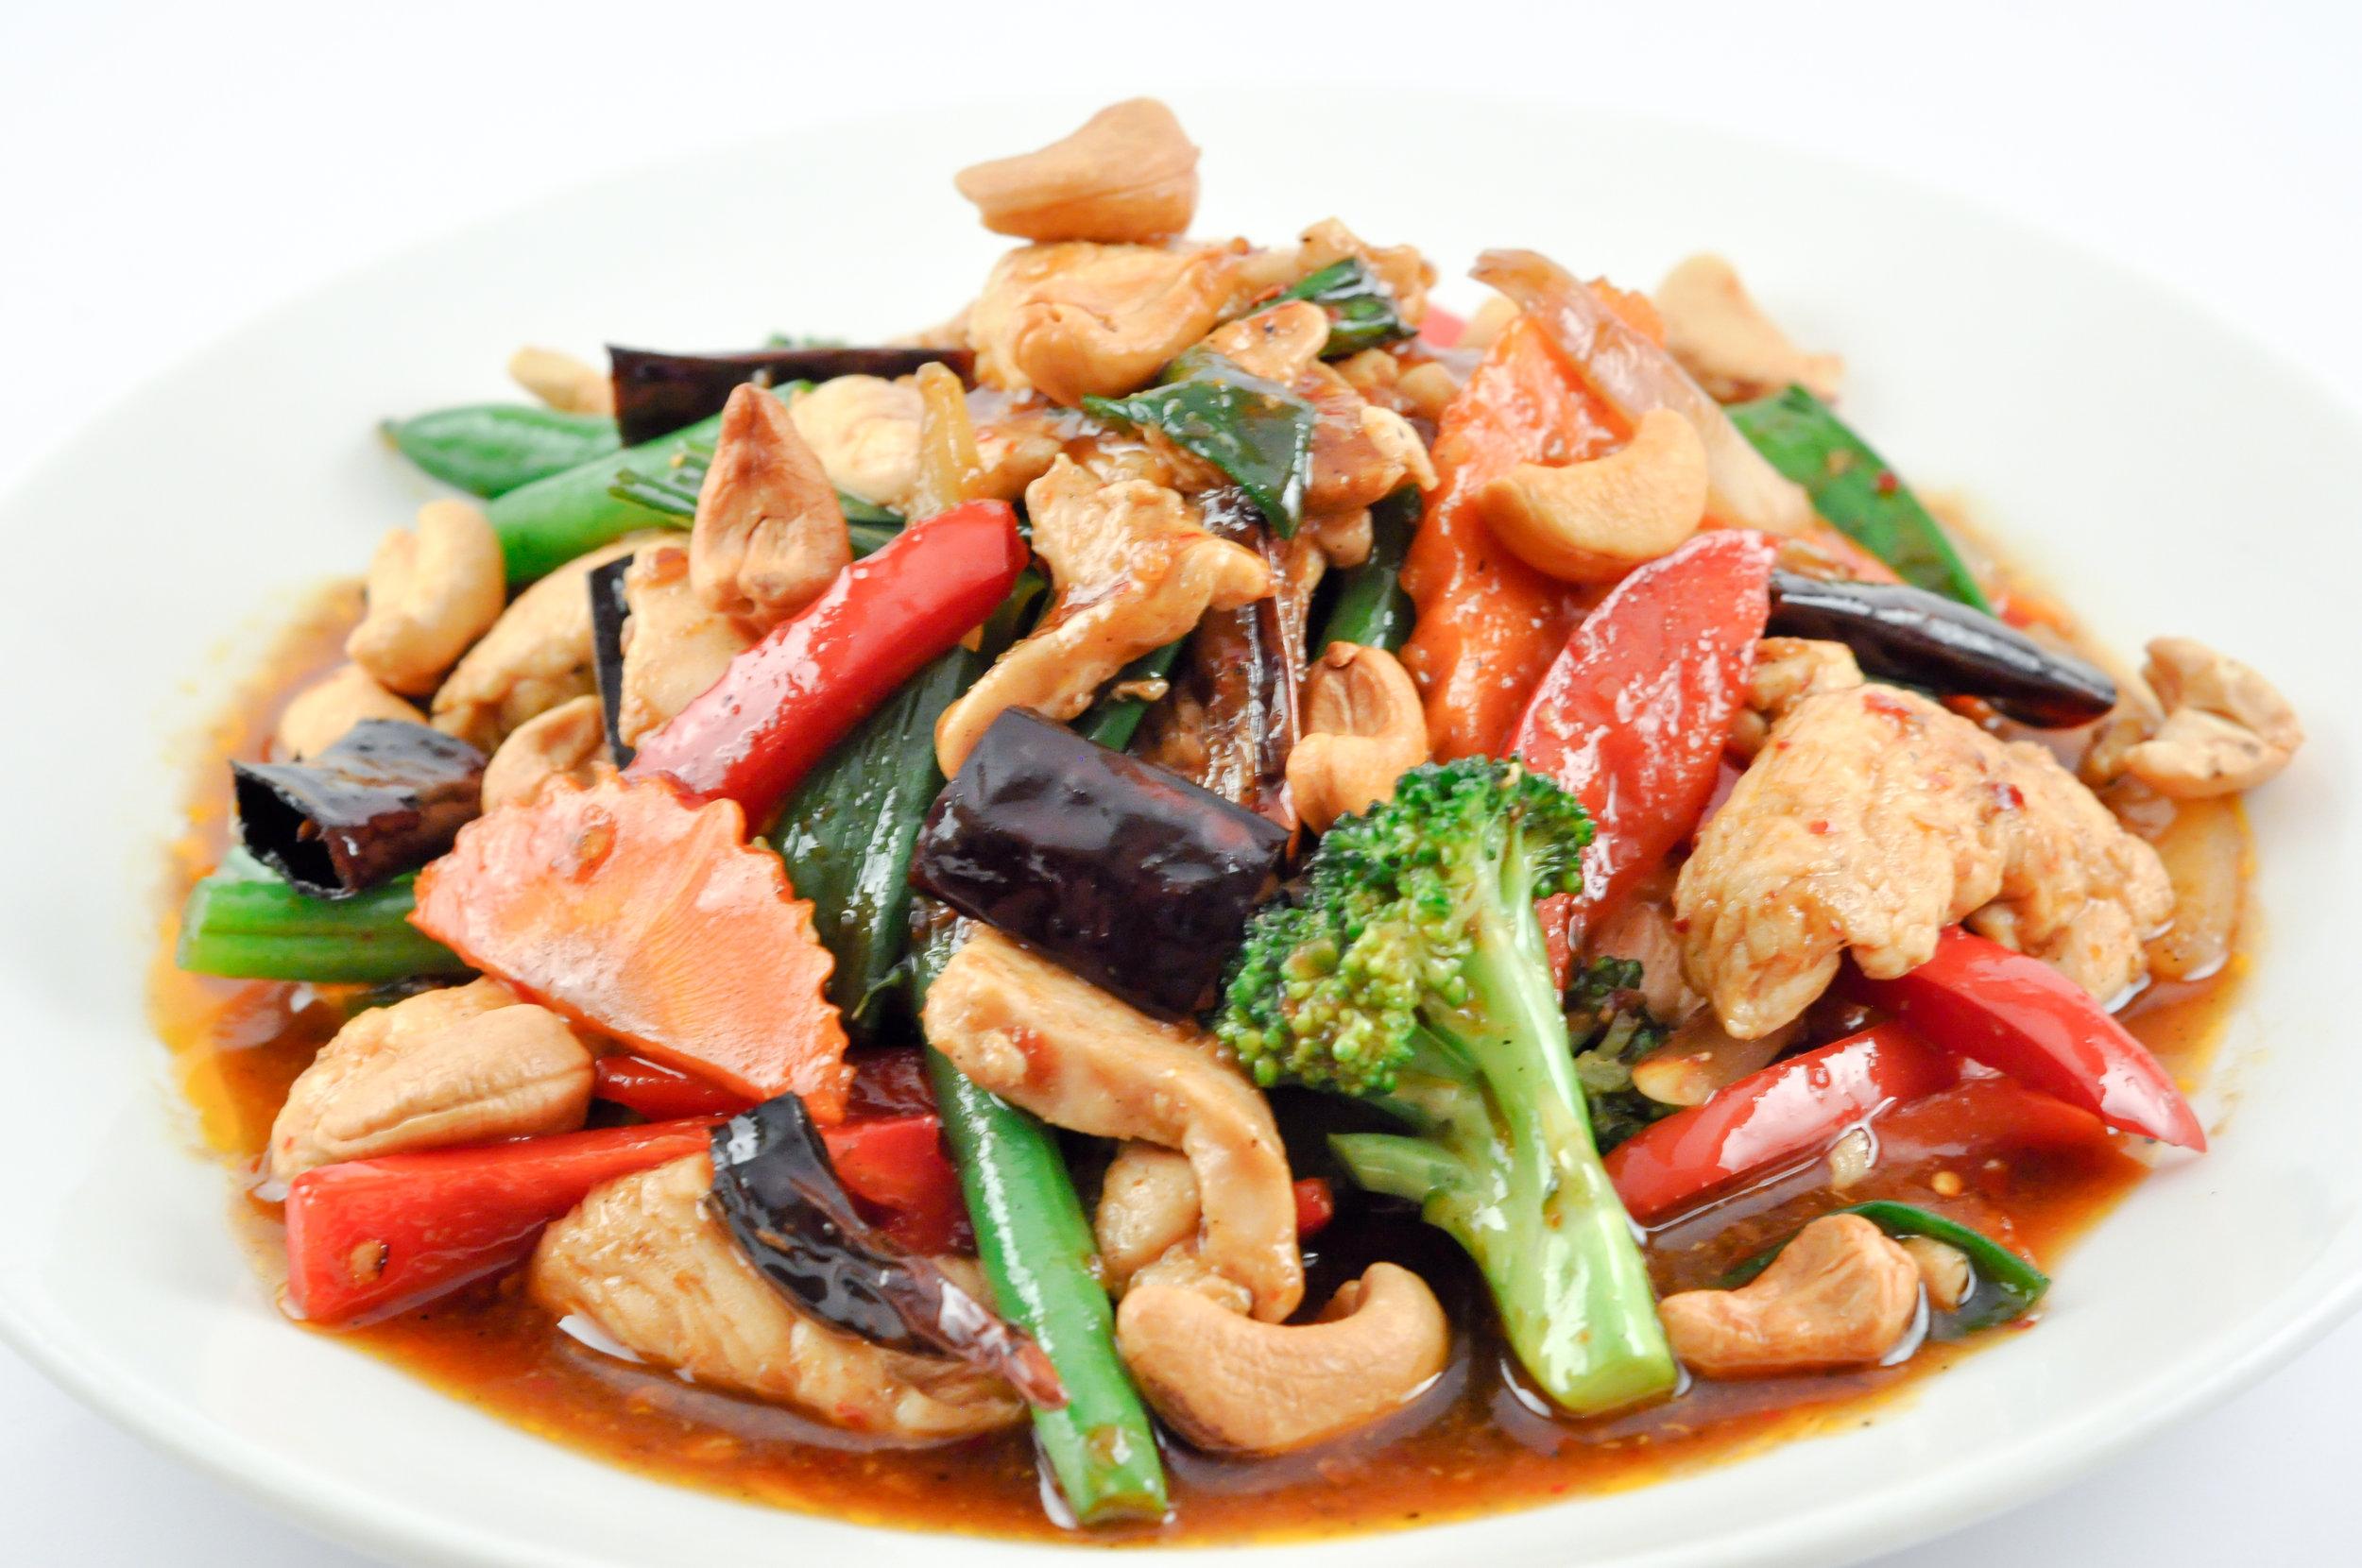 Chilli Jam Pork or Chicken